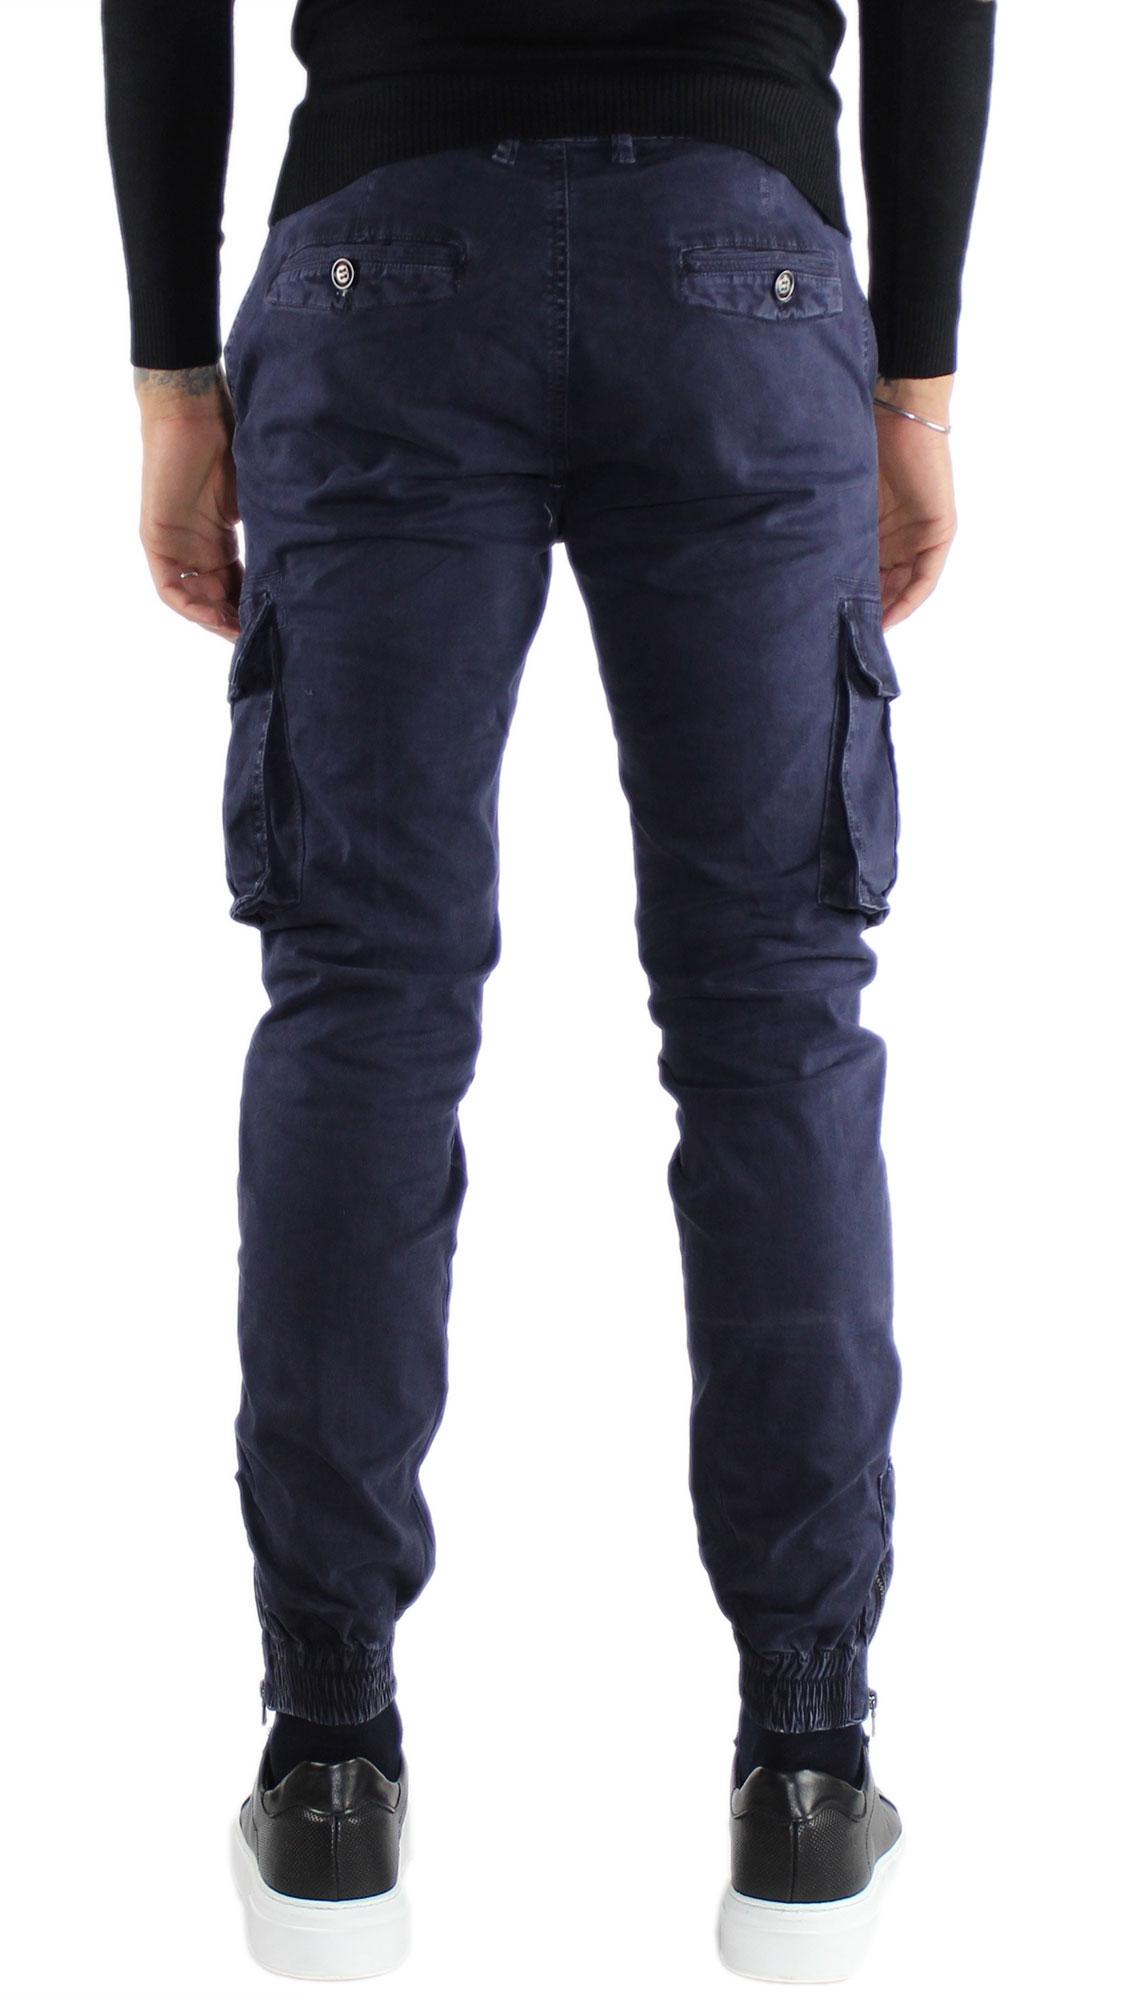 Pantaloni-Cargo-Uomo-Tasche-Laterali-Invernali-Cotone-Slim-Fit-Tasconi-Casual miniatura 9